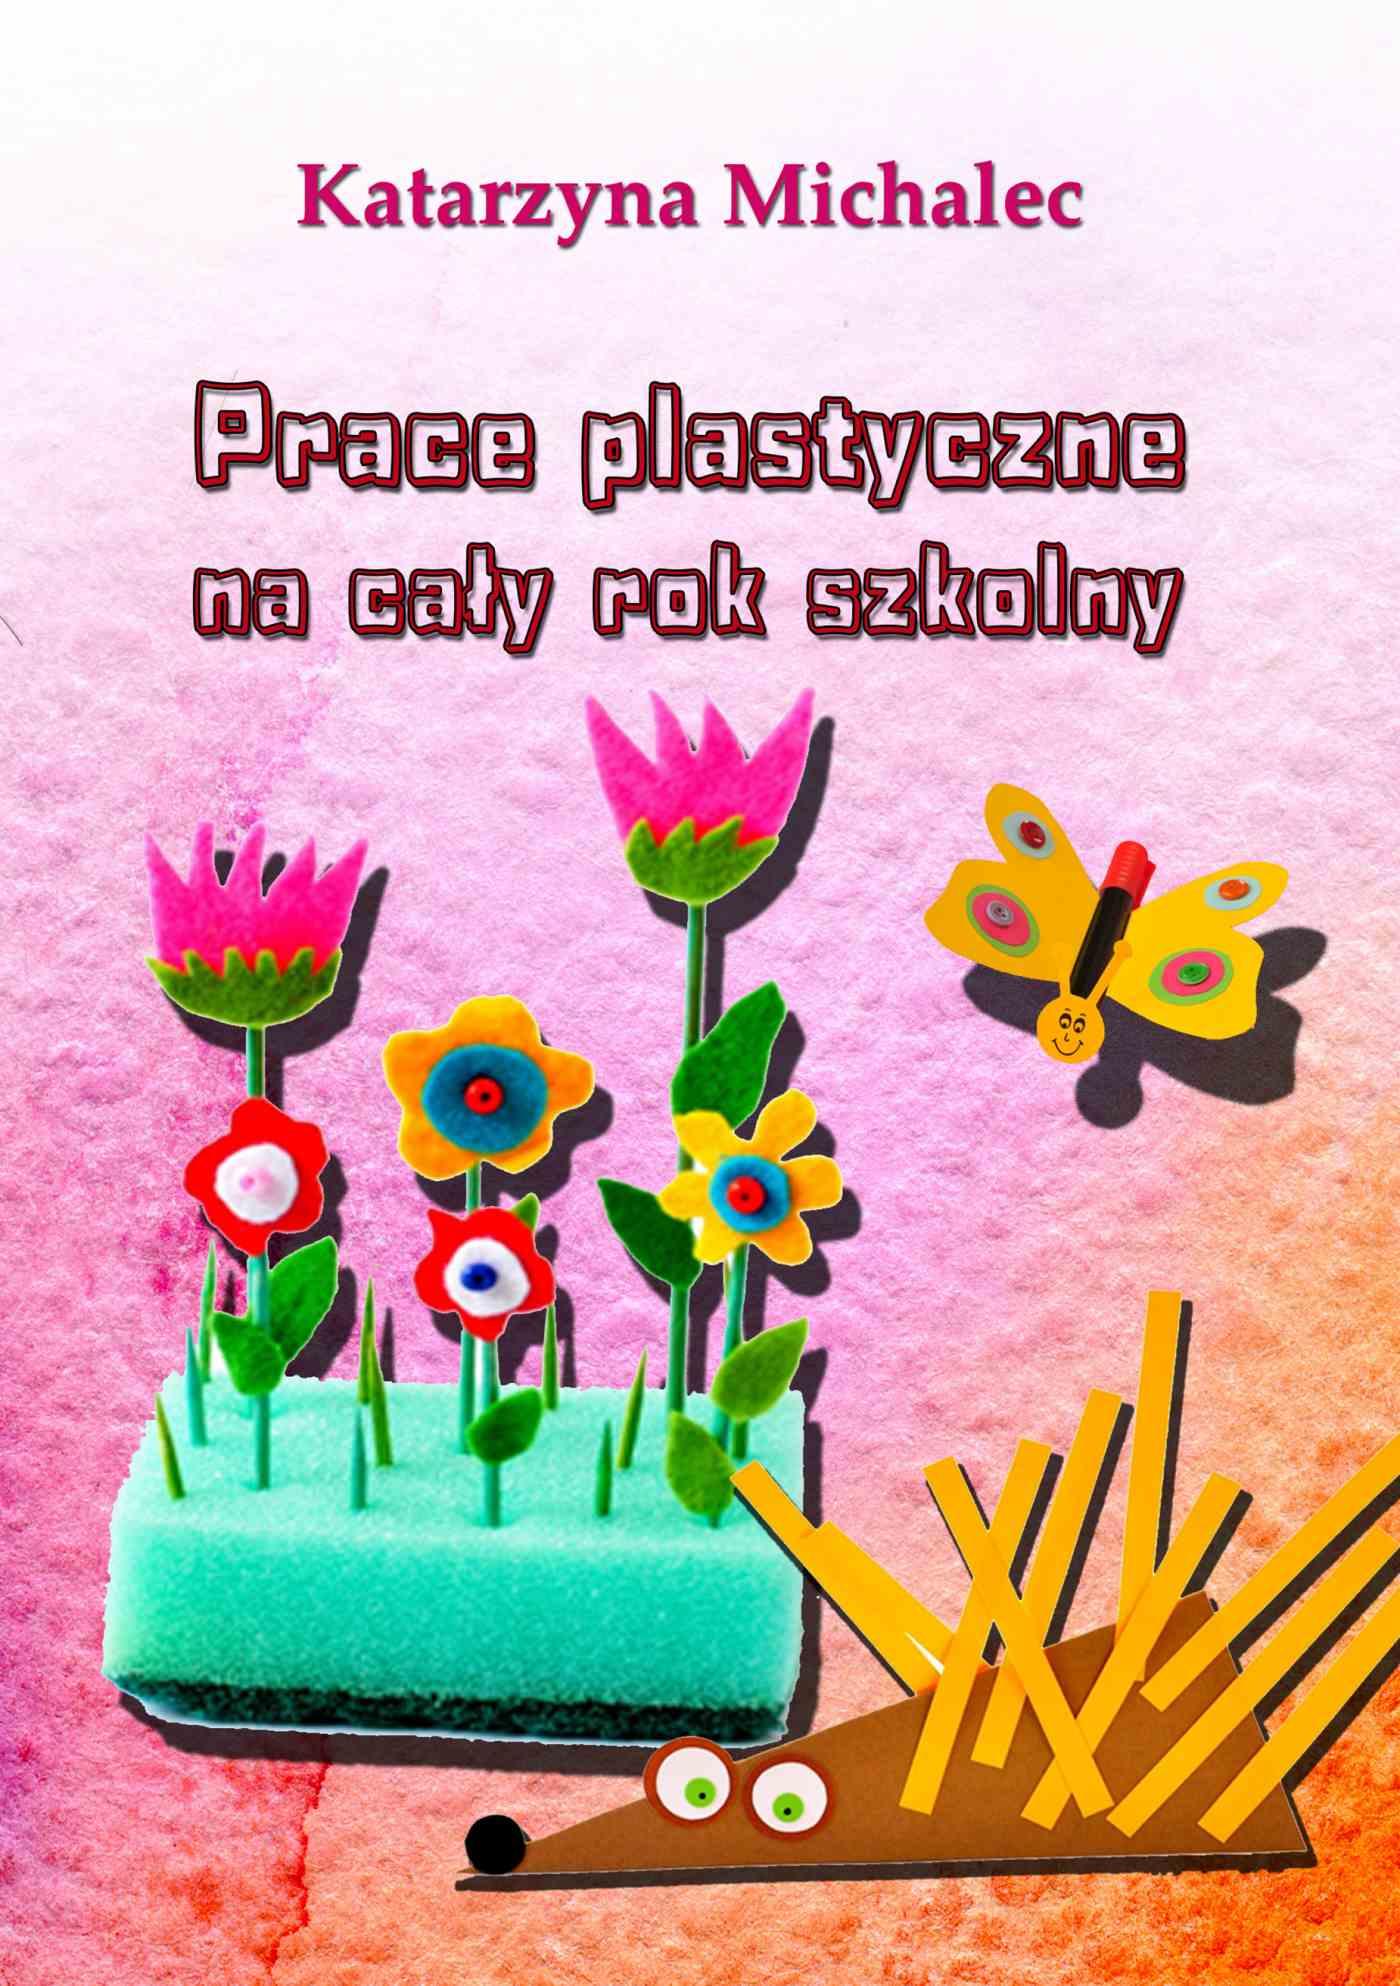 Prace plastyczne na cały rok szkolny - Ebook (Książka PDF) do pobrania w formacie PDF